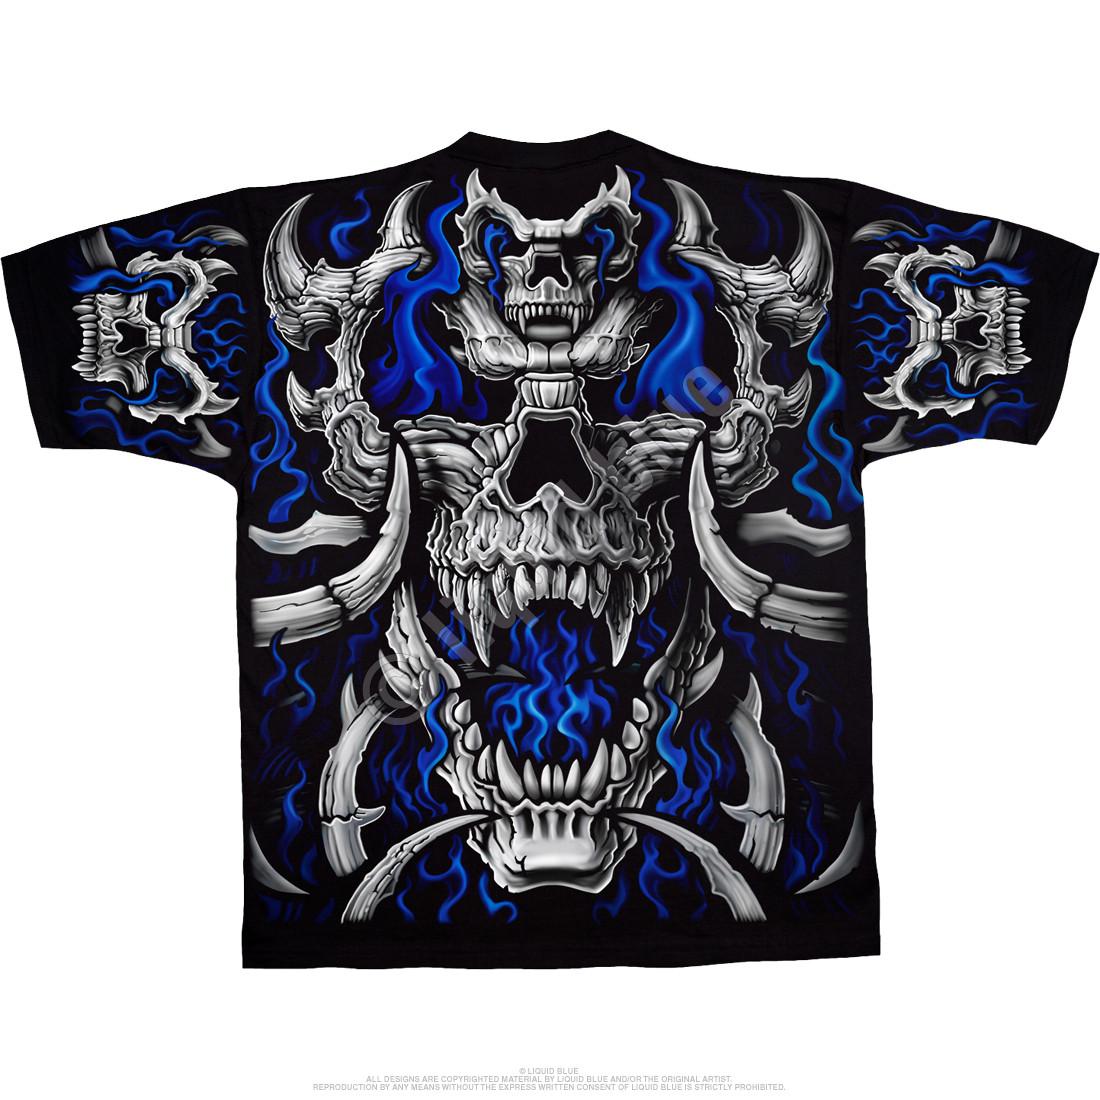 Black t shirt skull - Blue Flame Skull Black T Shirt